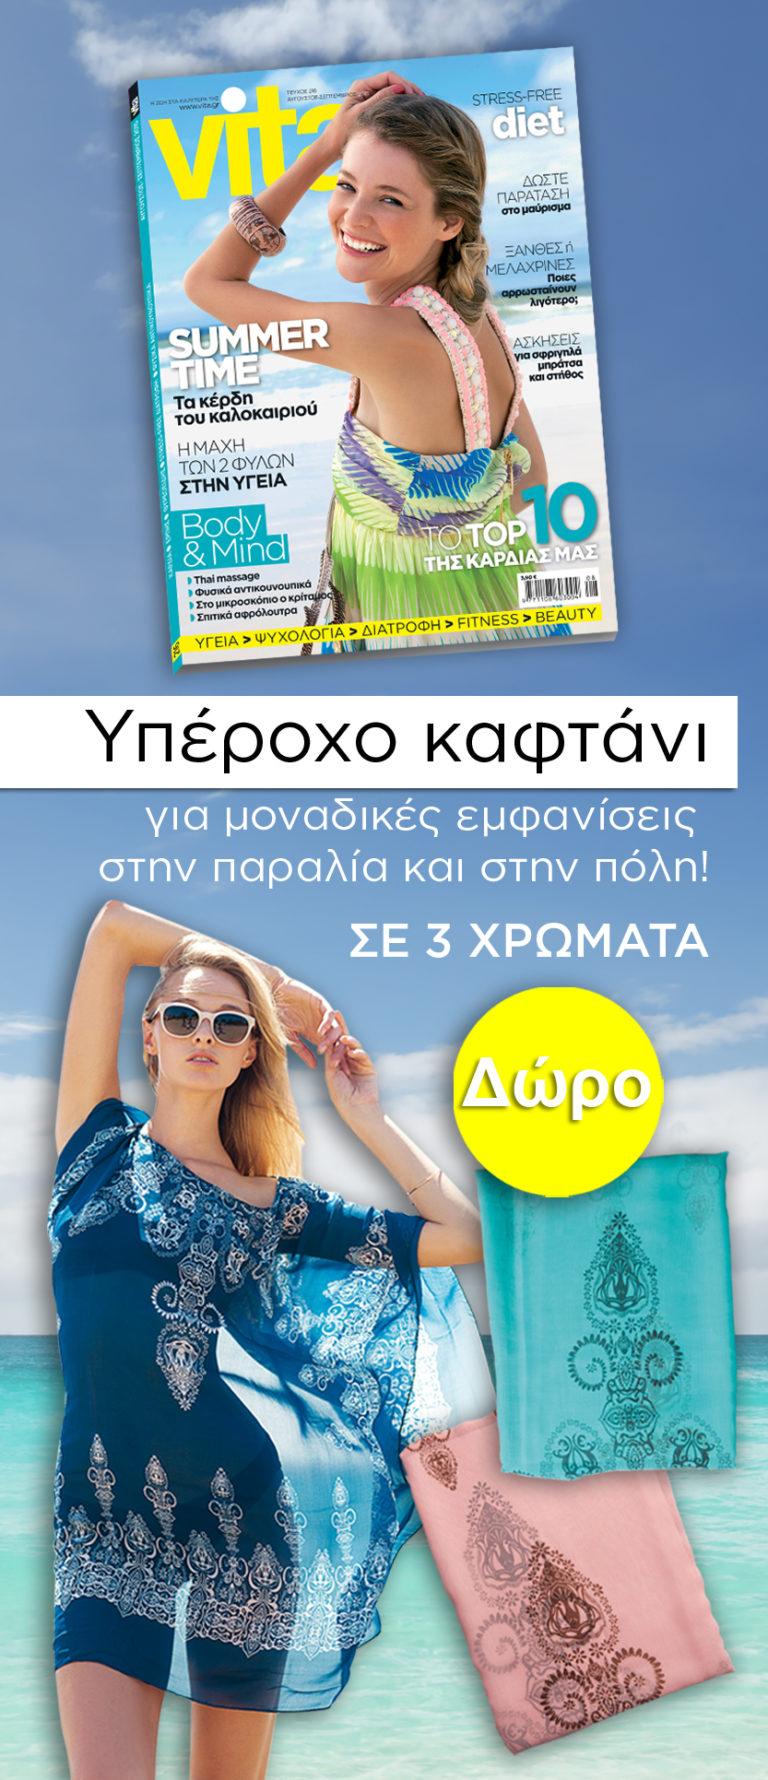 Αύγουστος-Σεπτέμβριος 2015 | vita.gr